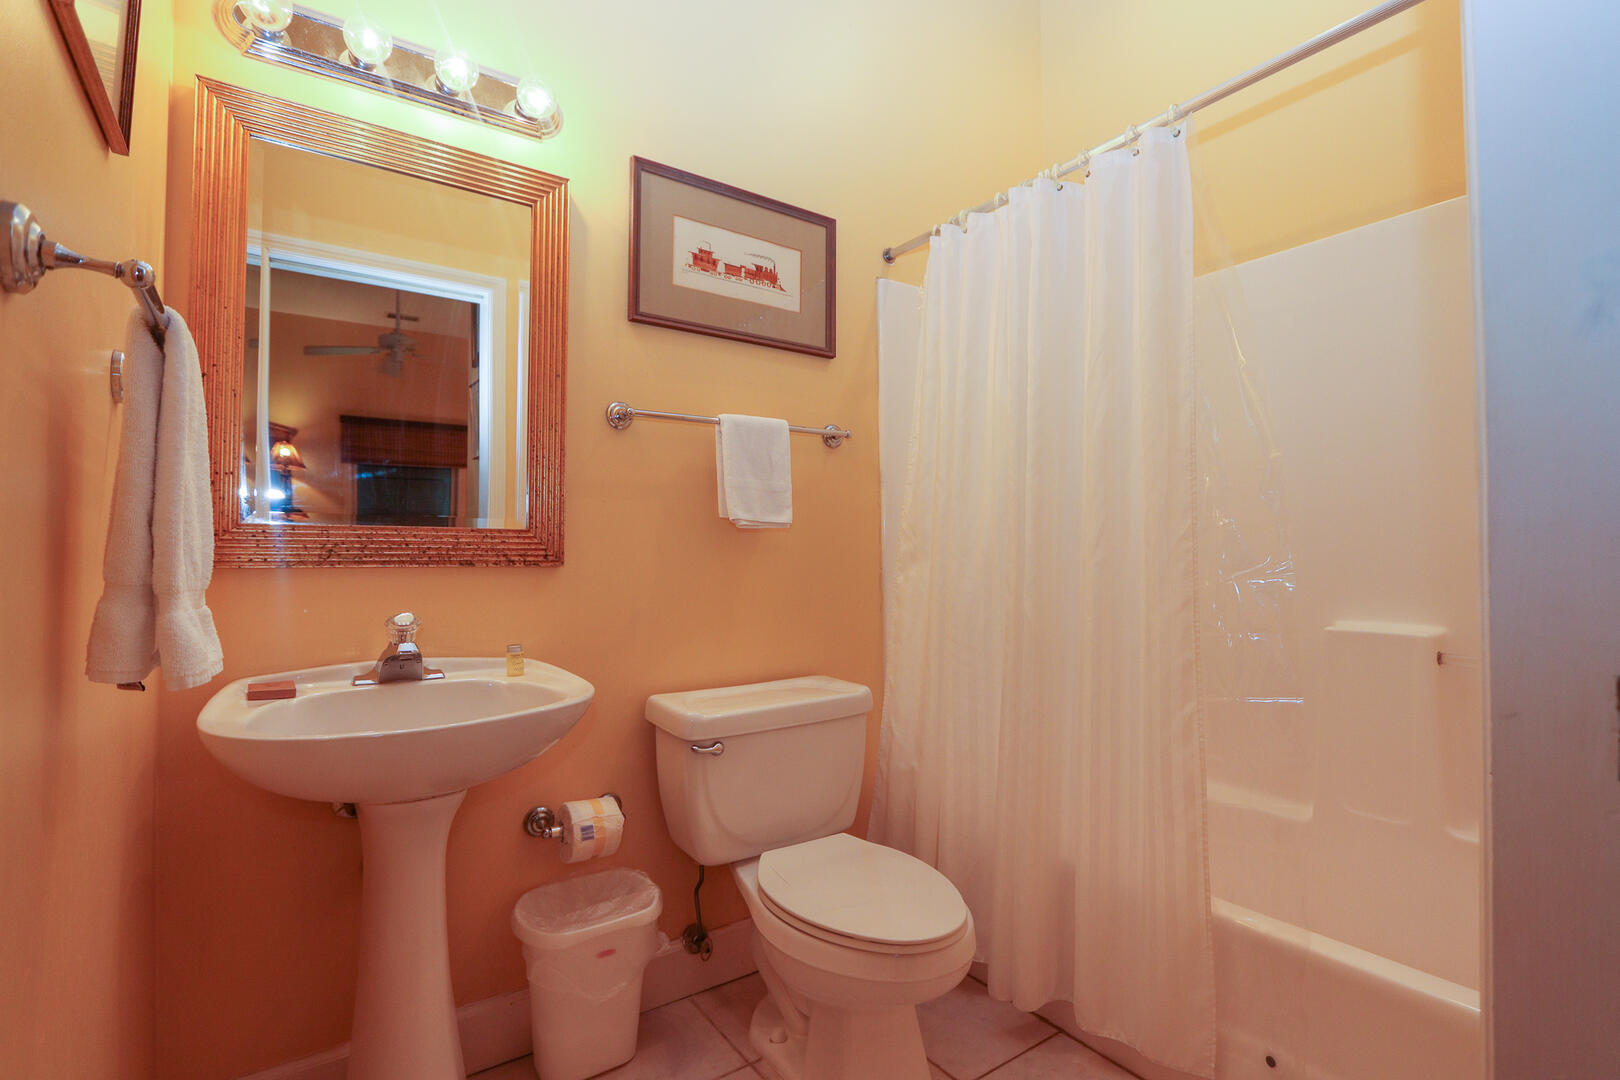 En suite bath for bedroom off entry hallway